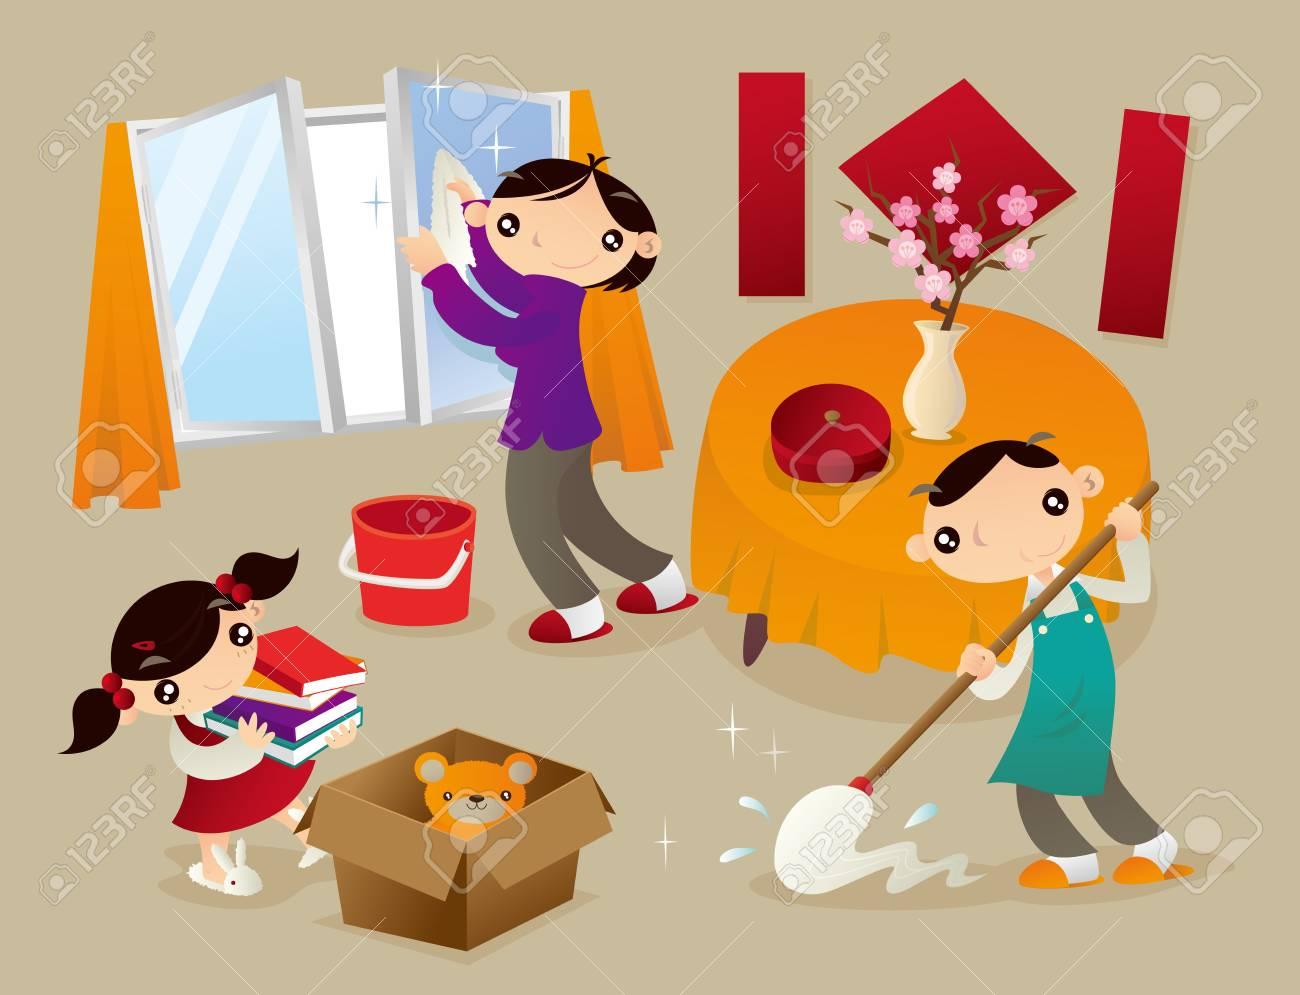 Familie Reinigt Ihre Heimat Gründlich Vor Dem Neuen Jahr. Dies Ist ...